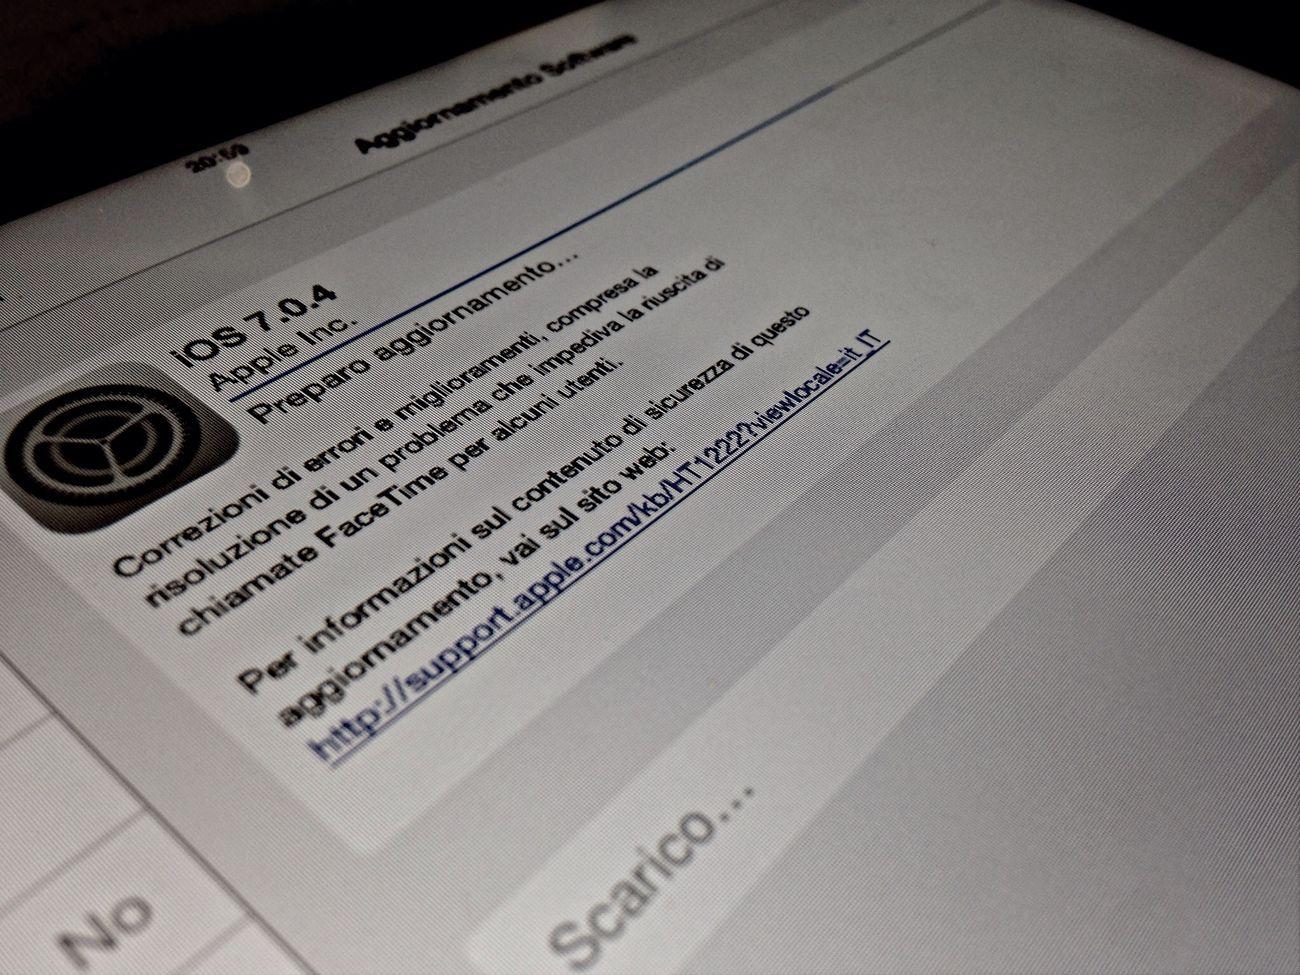 Aggiornamento IOS 7 Ipadmini Update